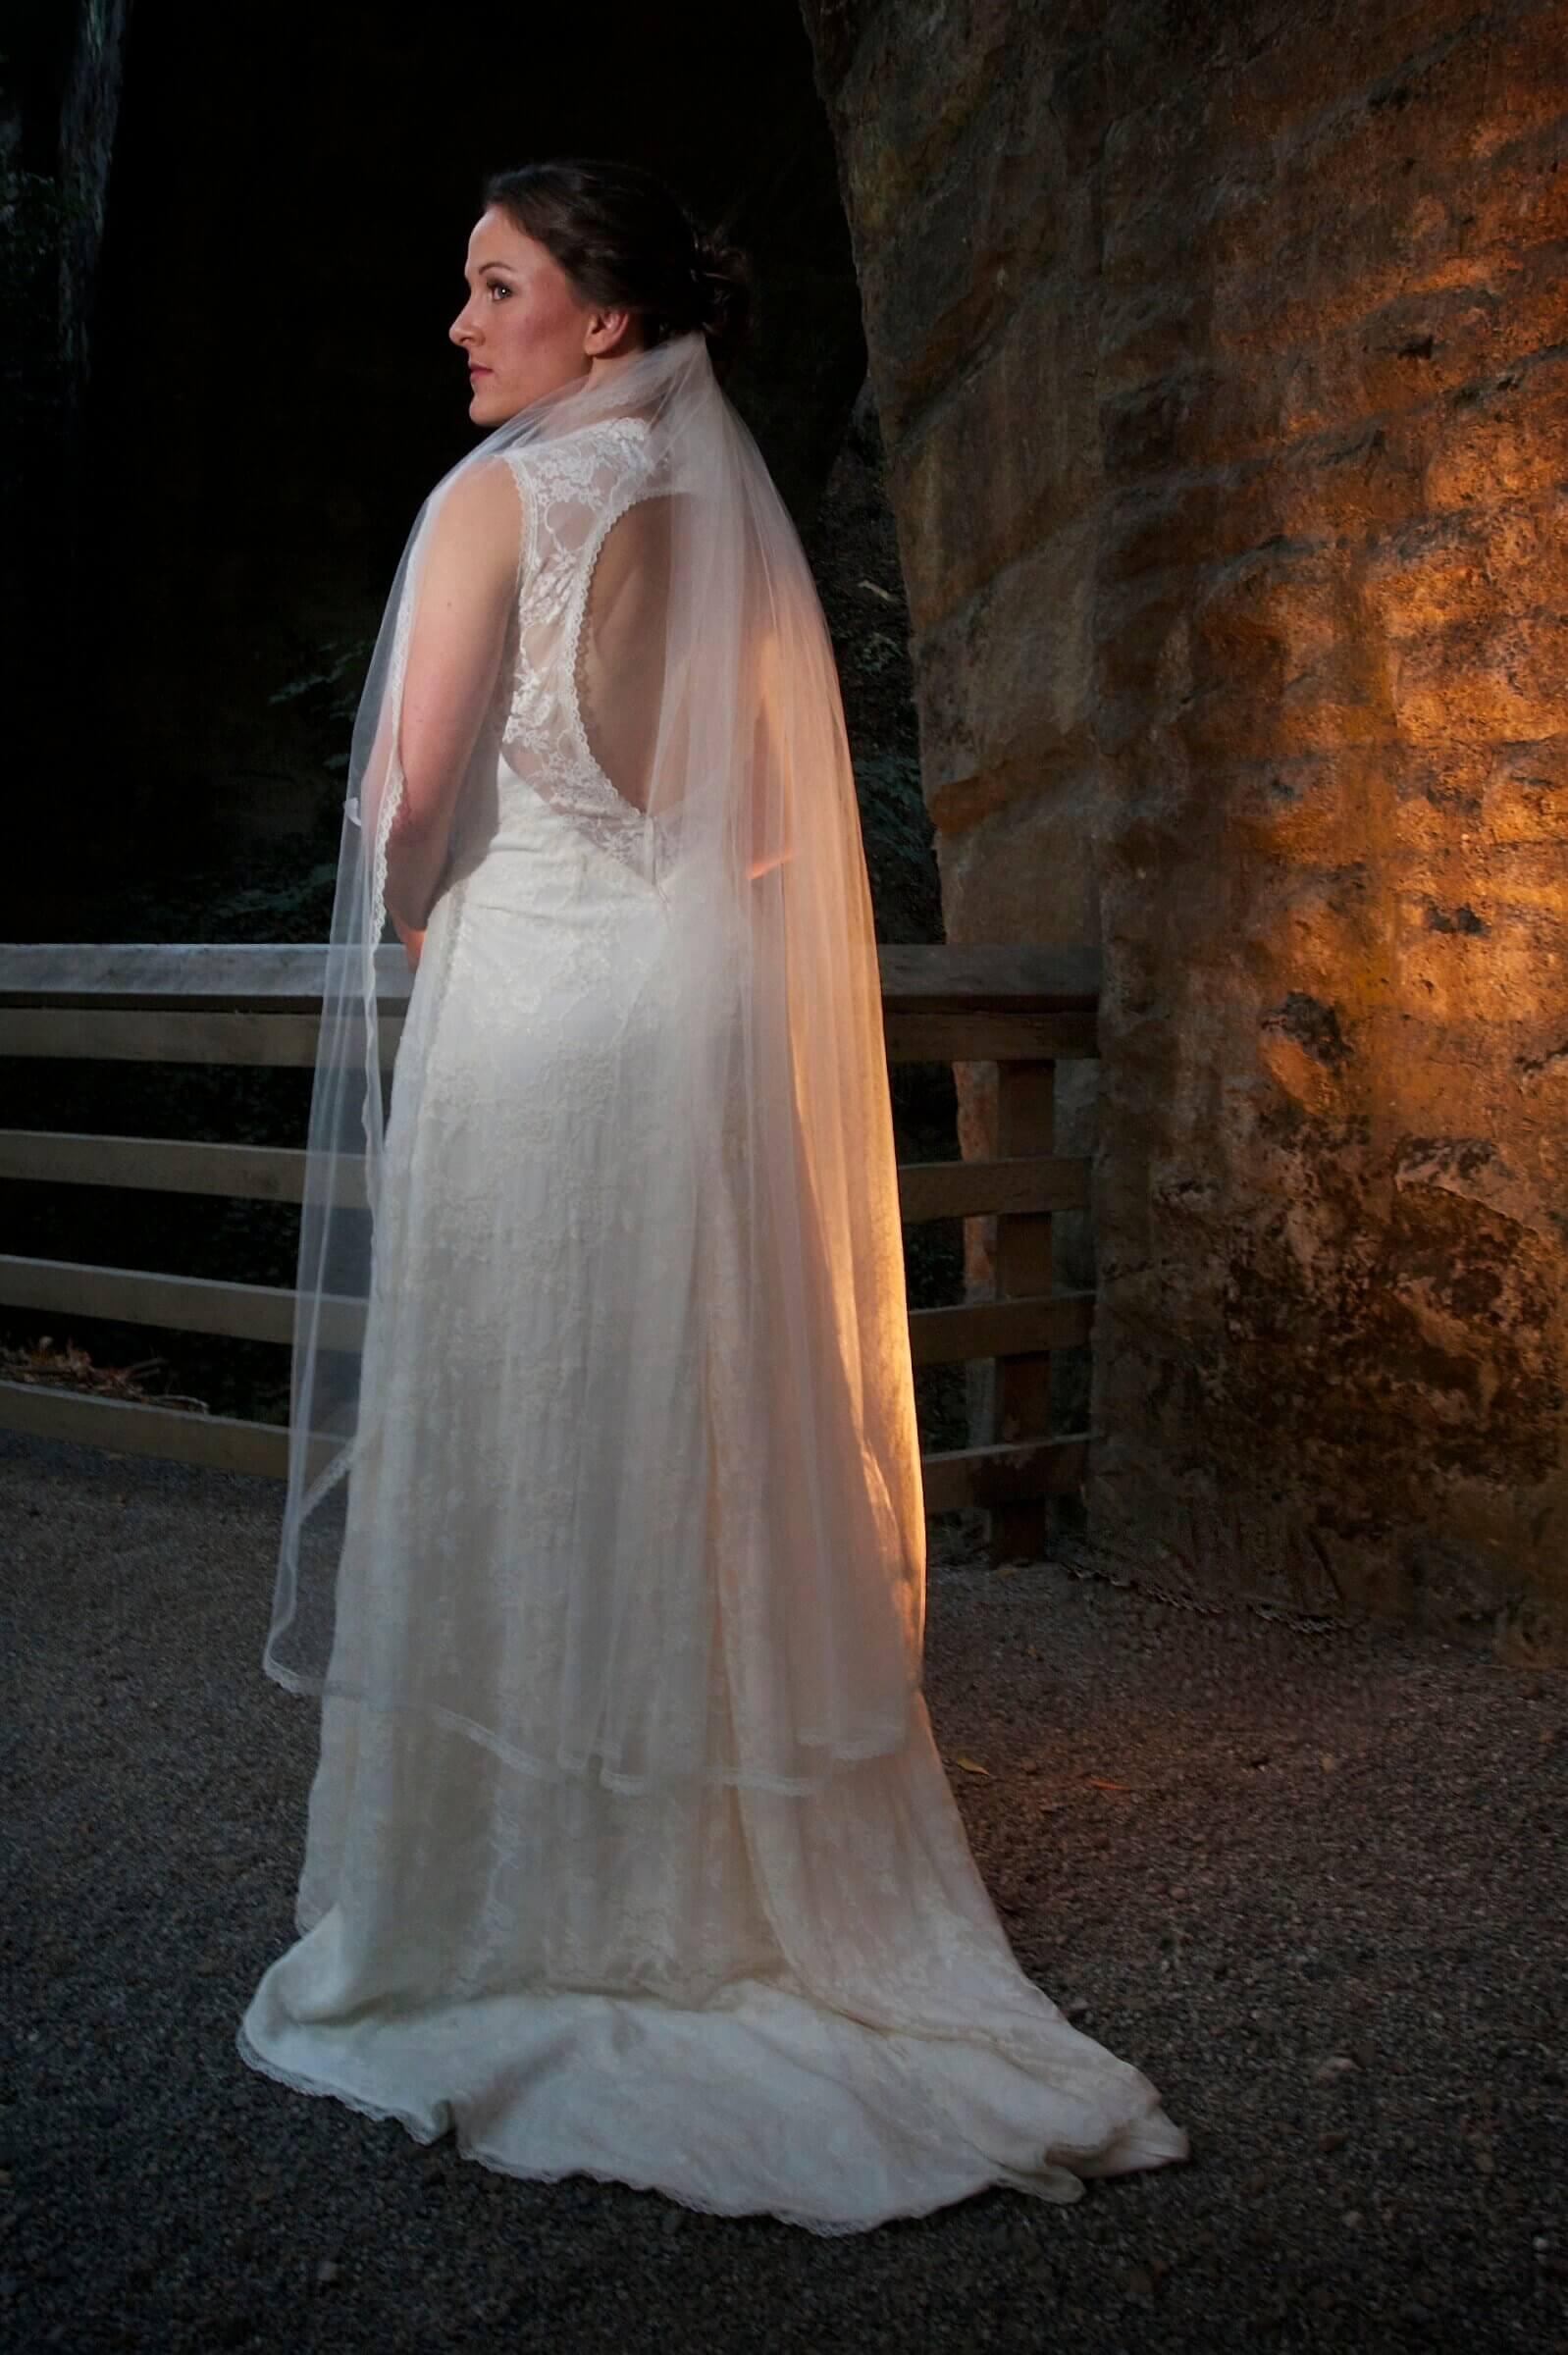 custom wedding dress for Abbey by Rebecca Wendlandt